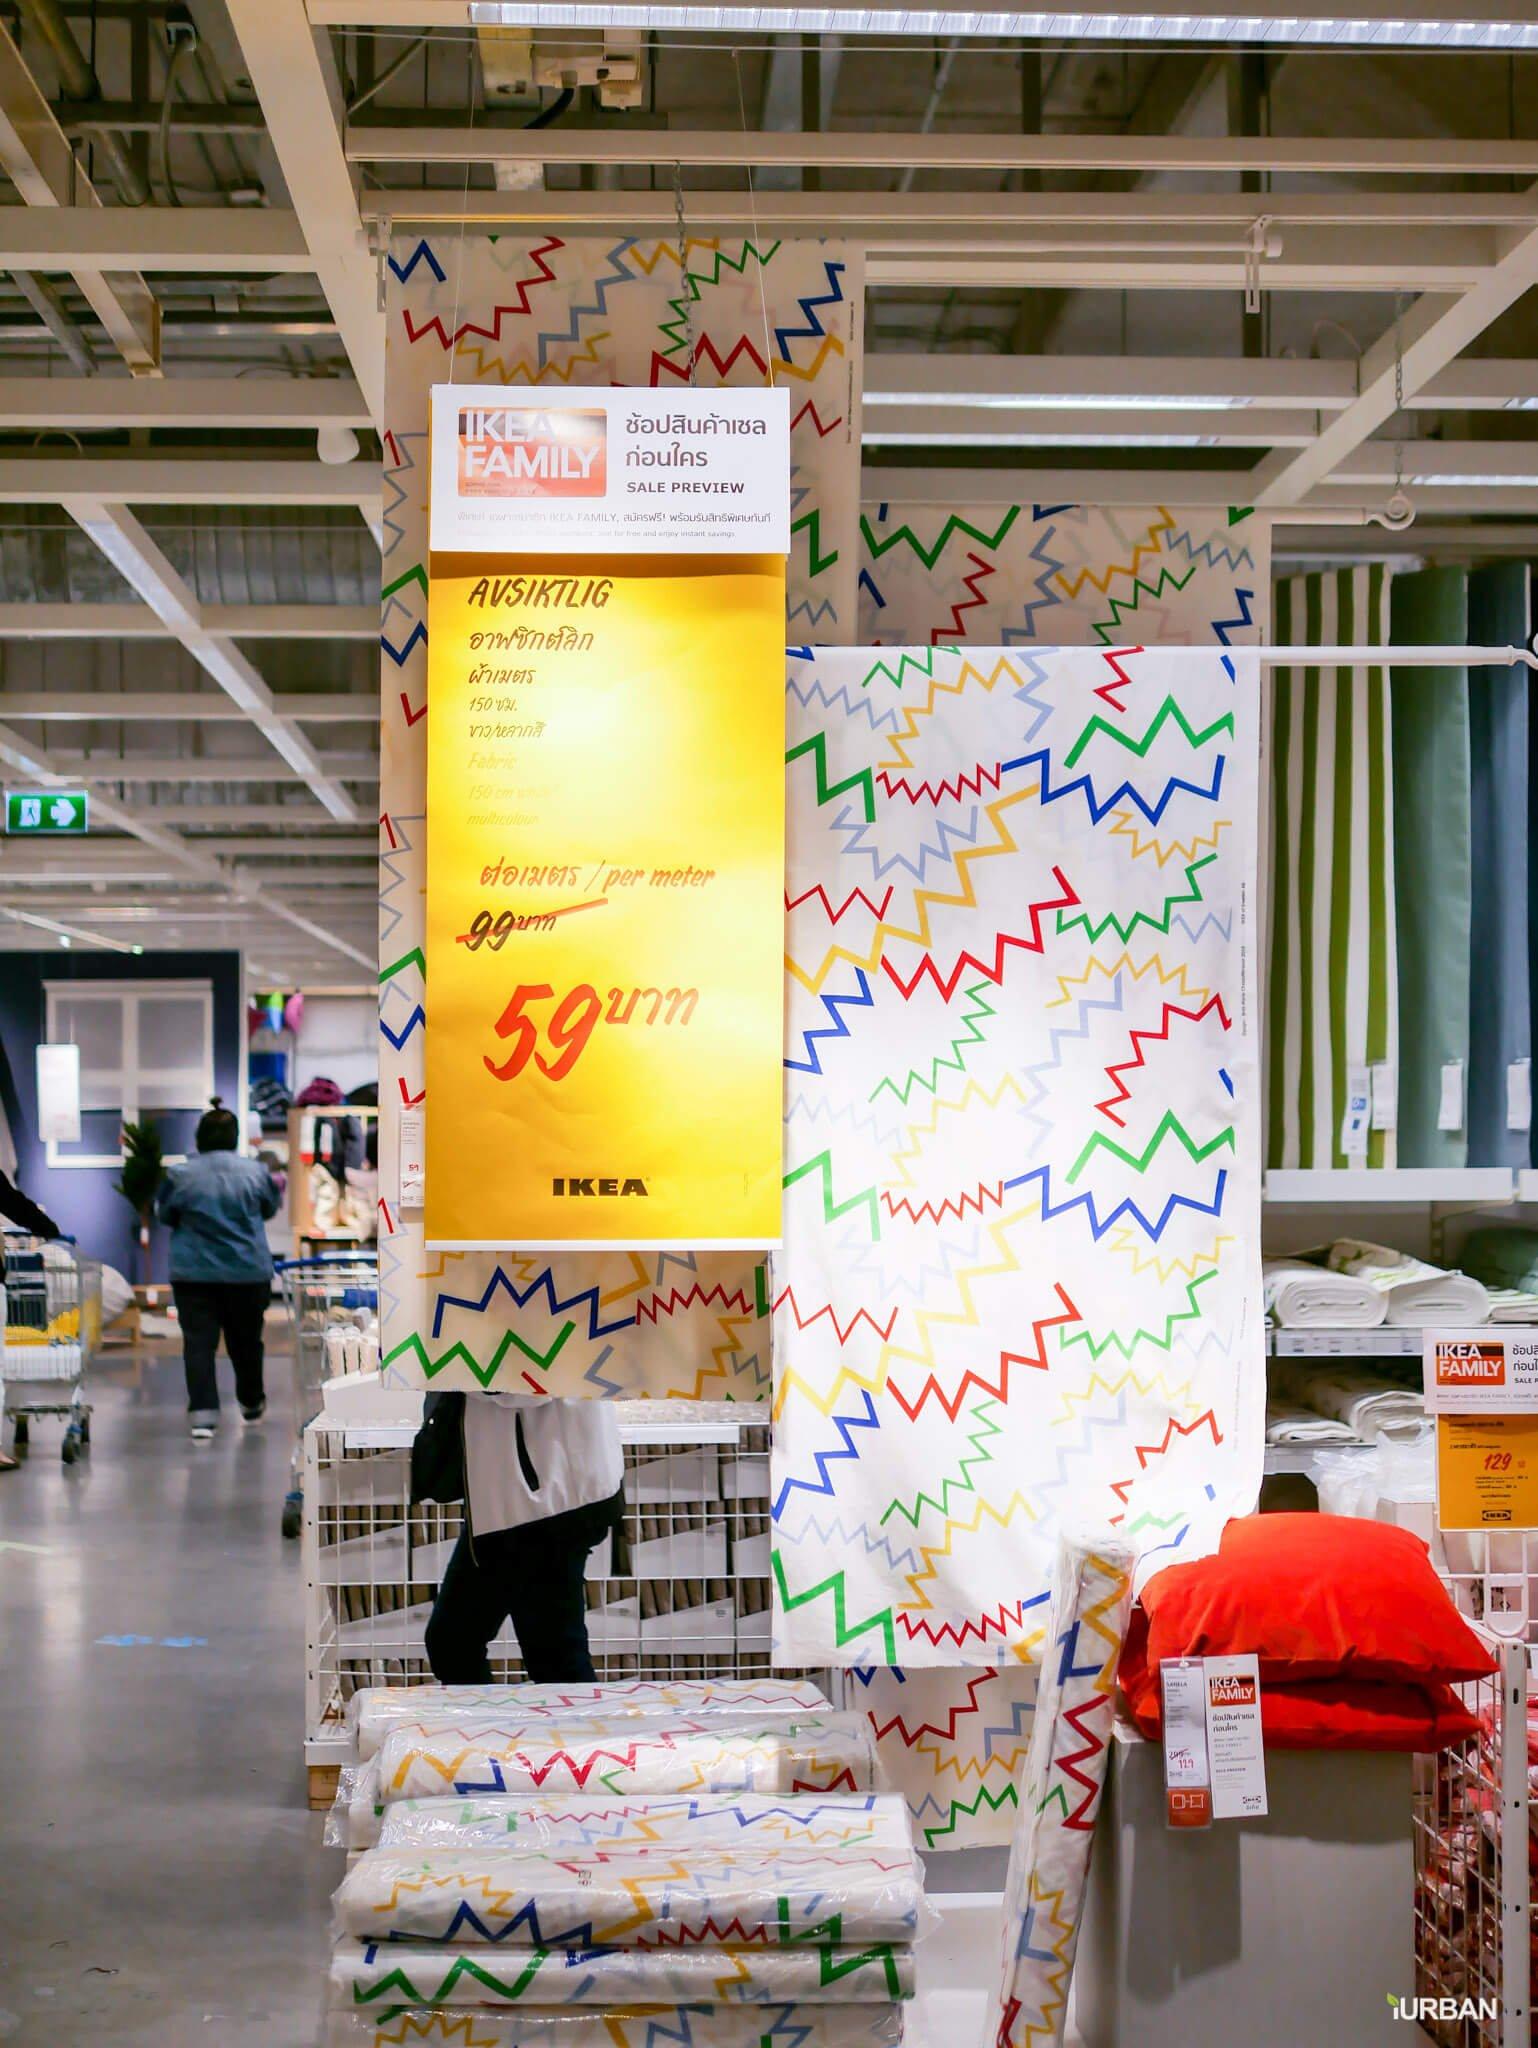 มันเยอะมากกกก!! IKEA Year End SALE 2017 รวมของเซลในอิเกีย ลดเยอะ ลดแหลก รีบพุ่งตัวไป วันนี้ - 7 มกราคม 61 152 - IKEA (อิเกีย)